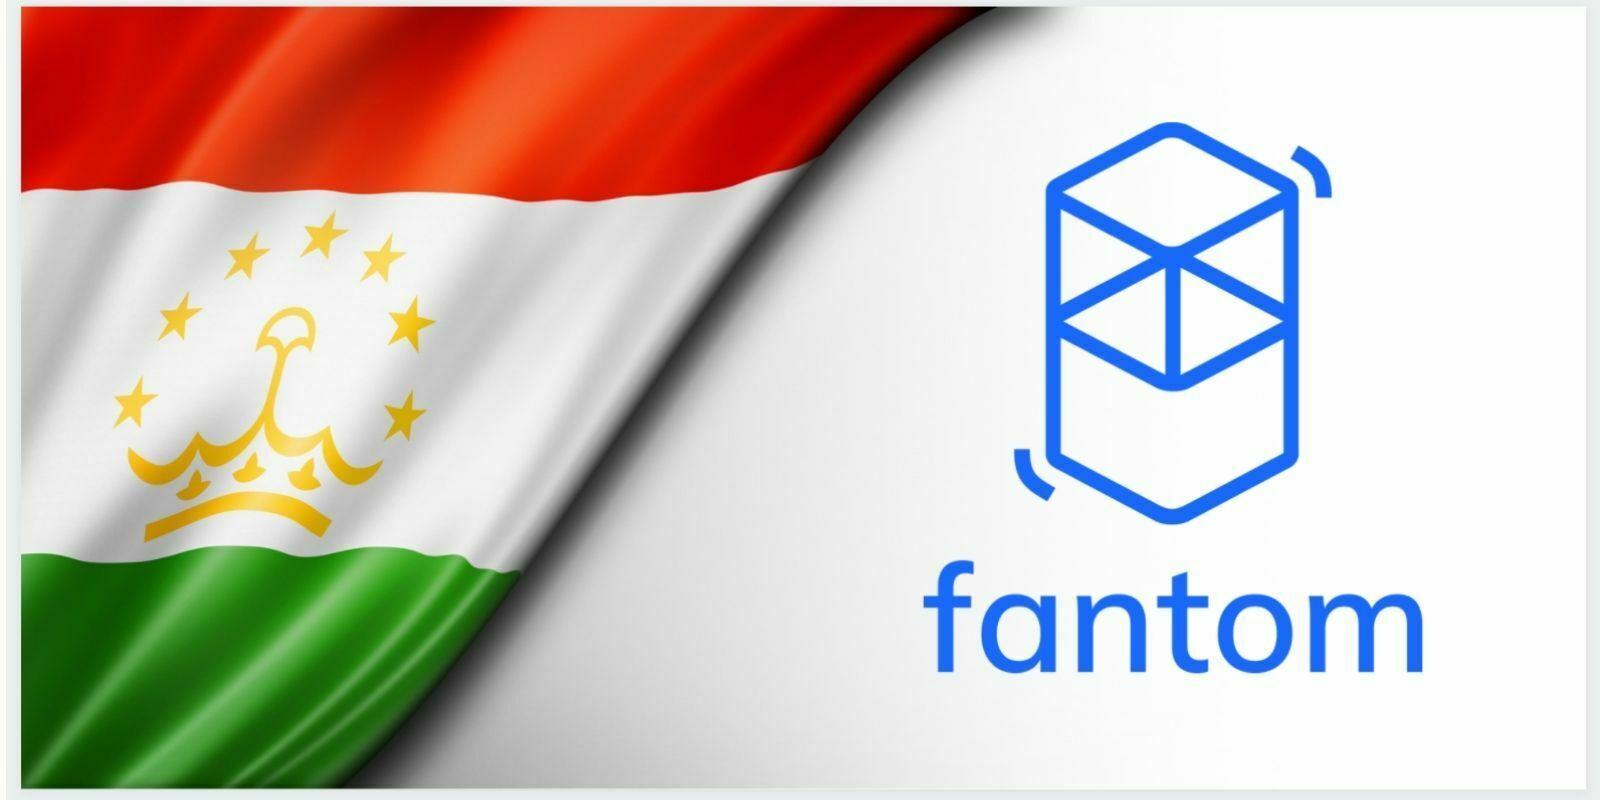 La blockchain Fantom va soutenir le Tadjikistan dans son développement économique